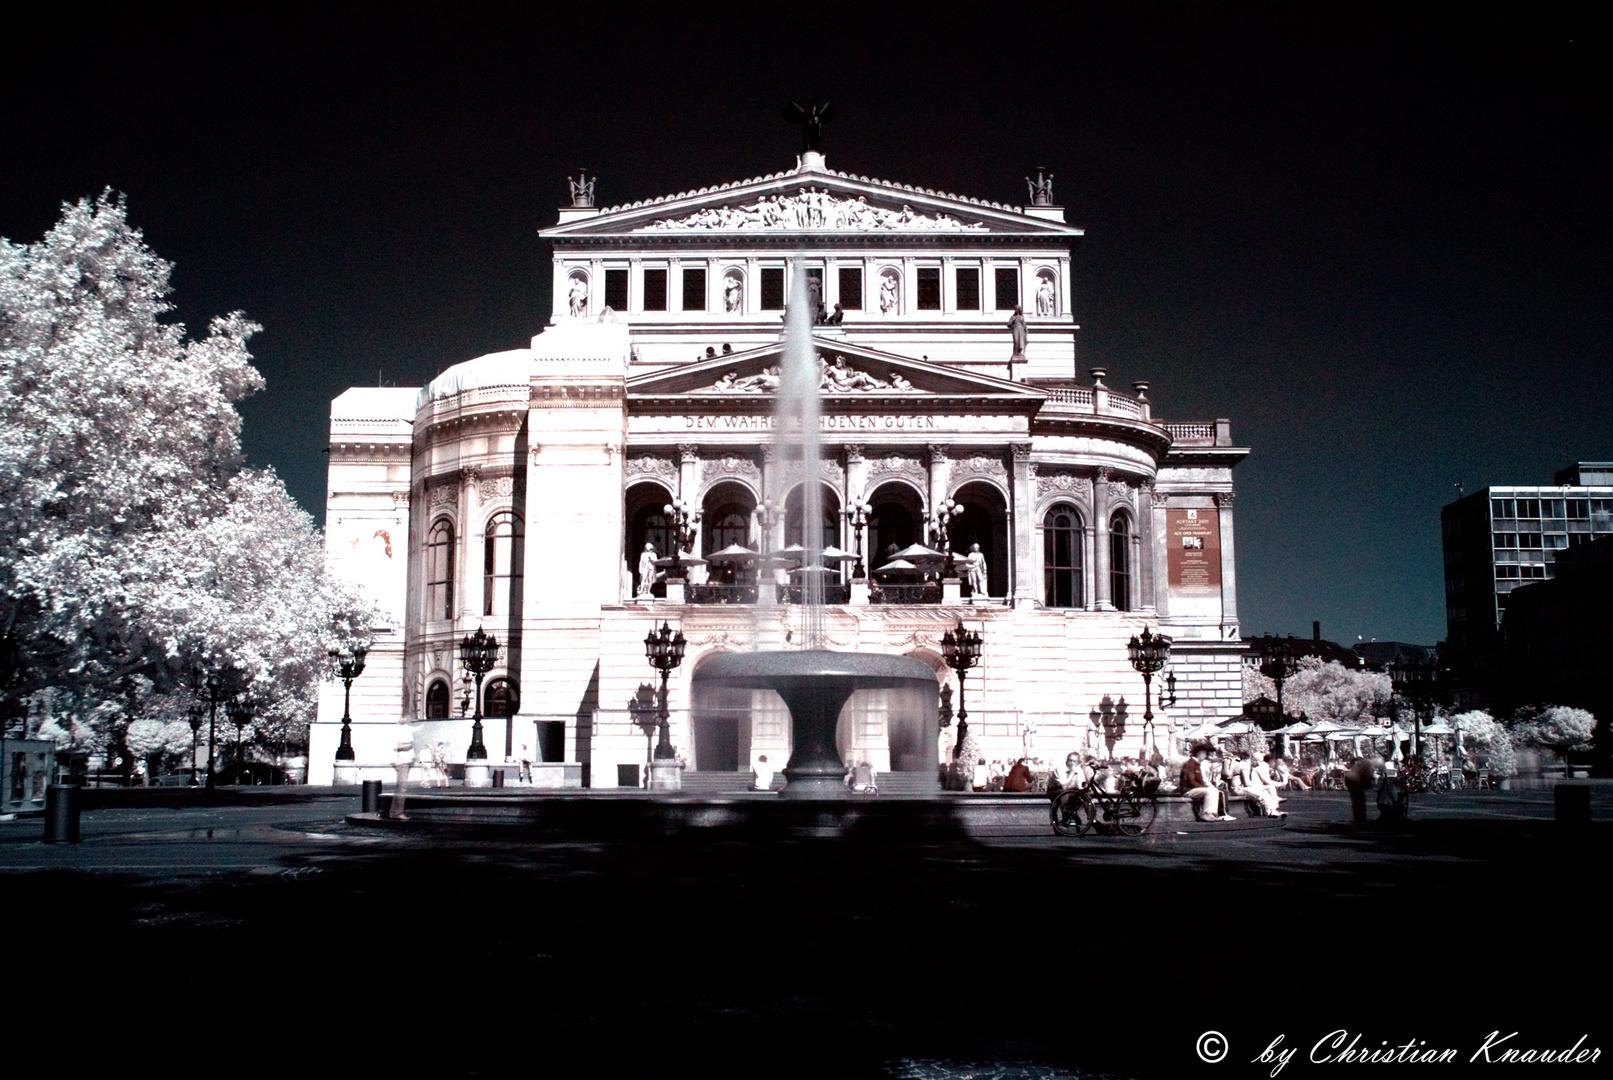 Alte Oper in IR